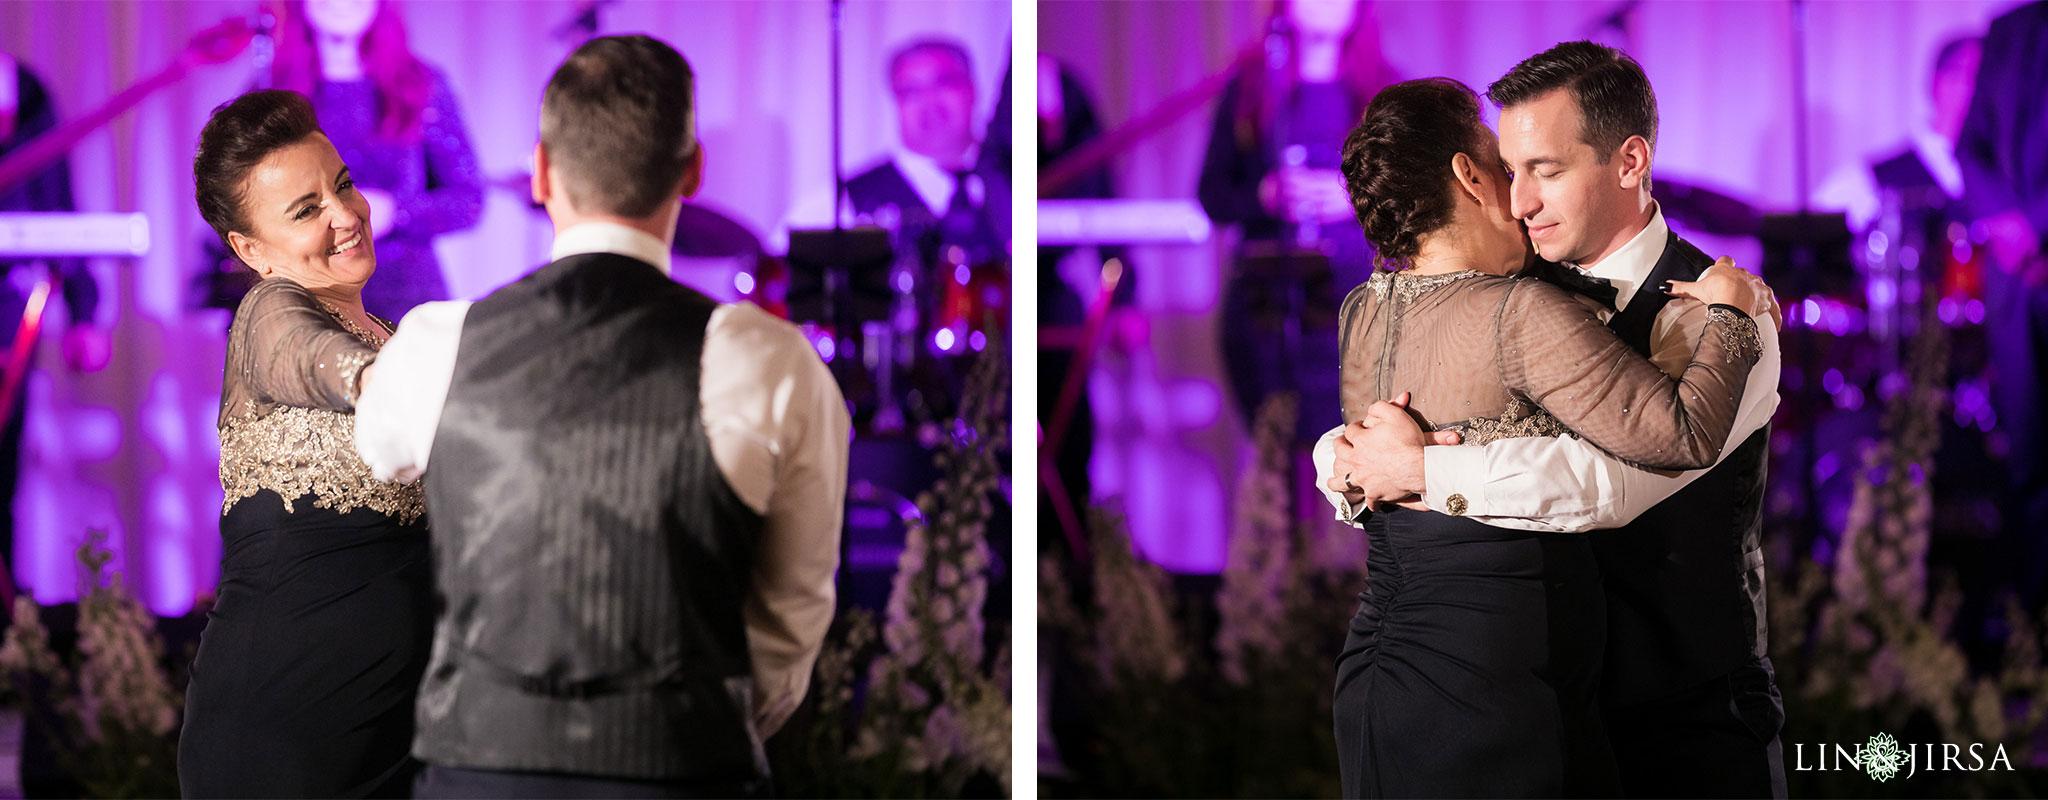 32 estancia la jolla hotel and spa wedding reception photography